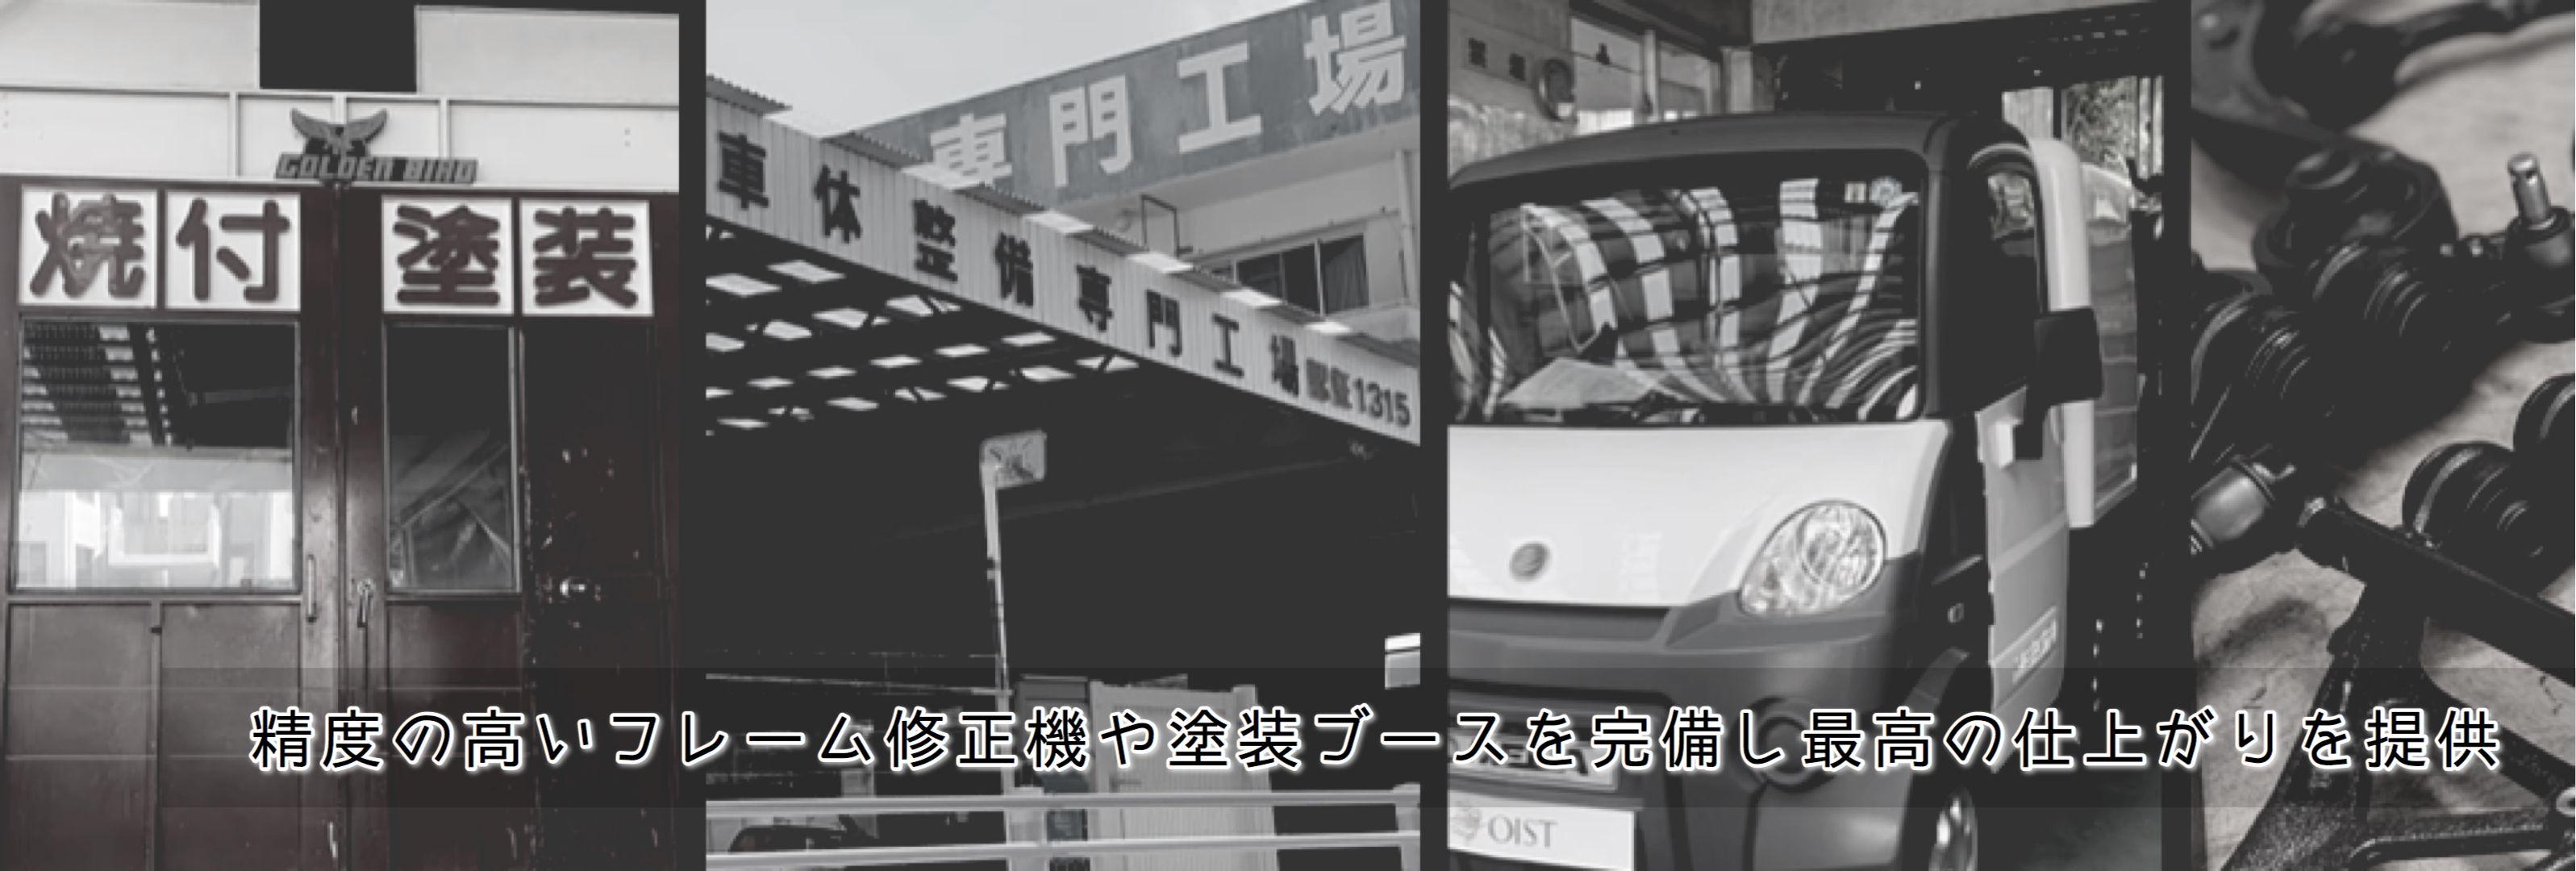 沖縄市美里で車の修理や車検を地域密着で整備メンテナンスする「カーボディ登川」